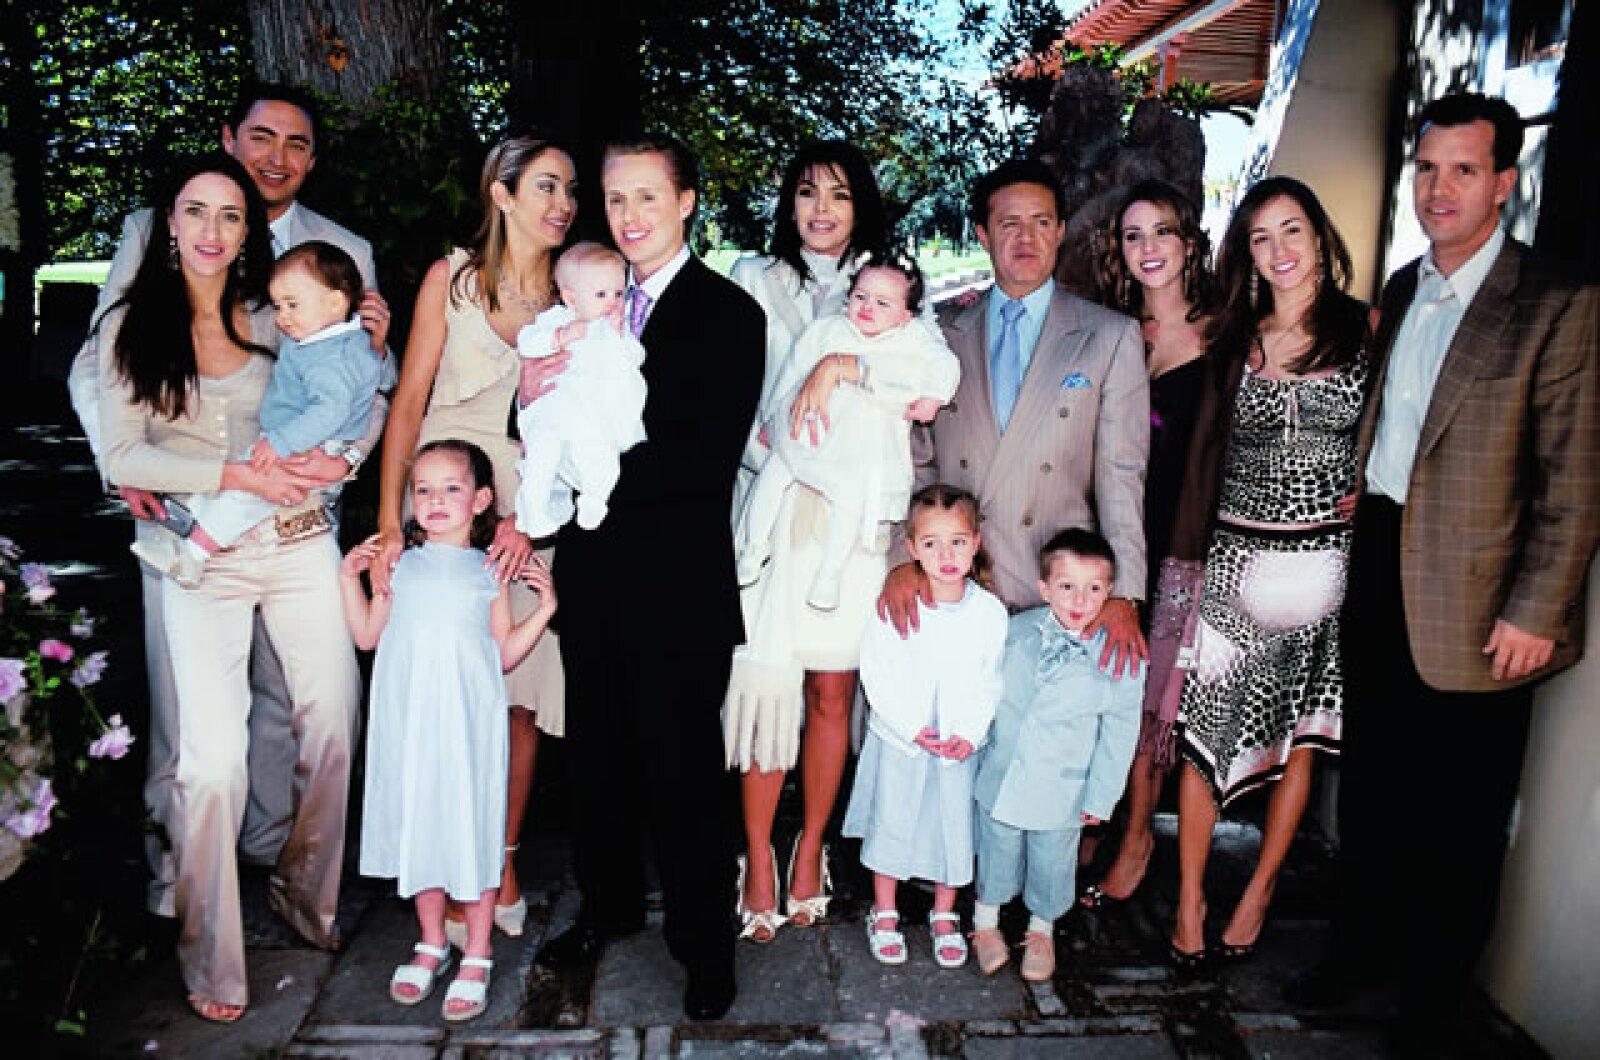 Aquí el día que bautizaron a Loreto, sus papás Greta Jacobson y Juan Carlos Peralta, hace casi 8 años.